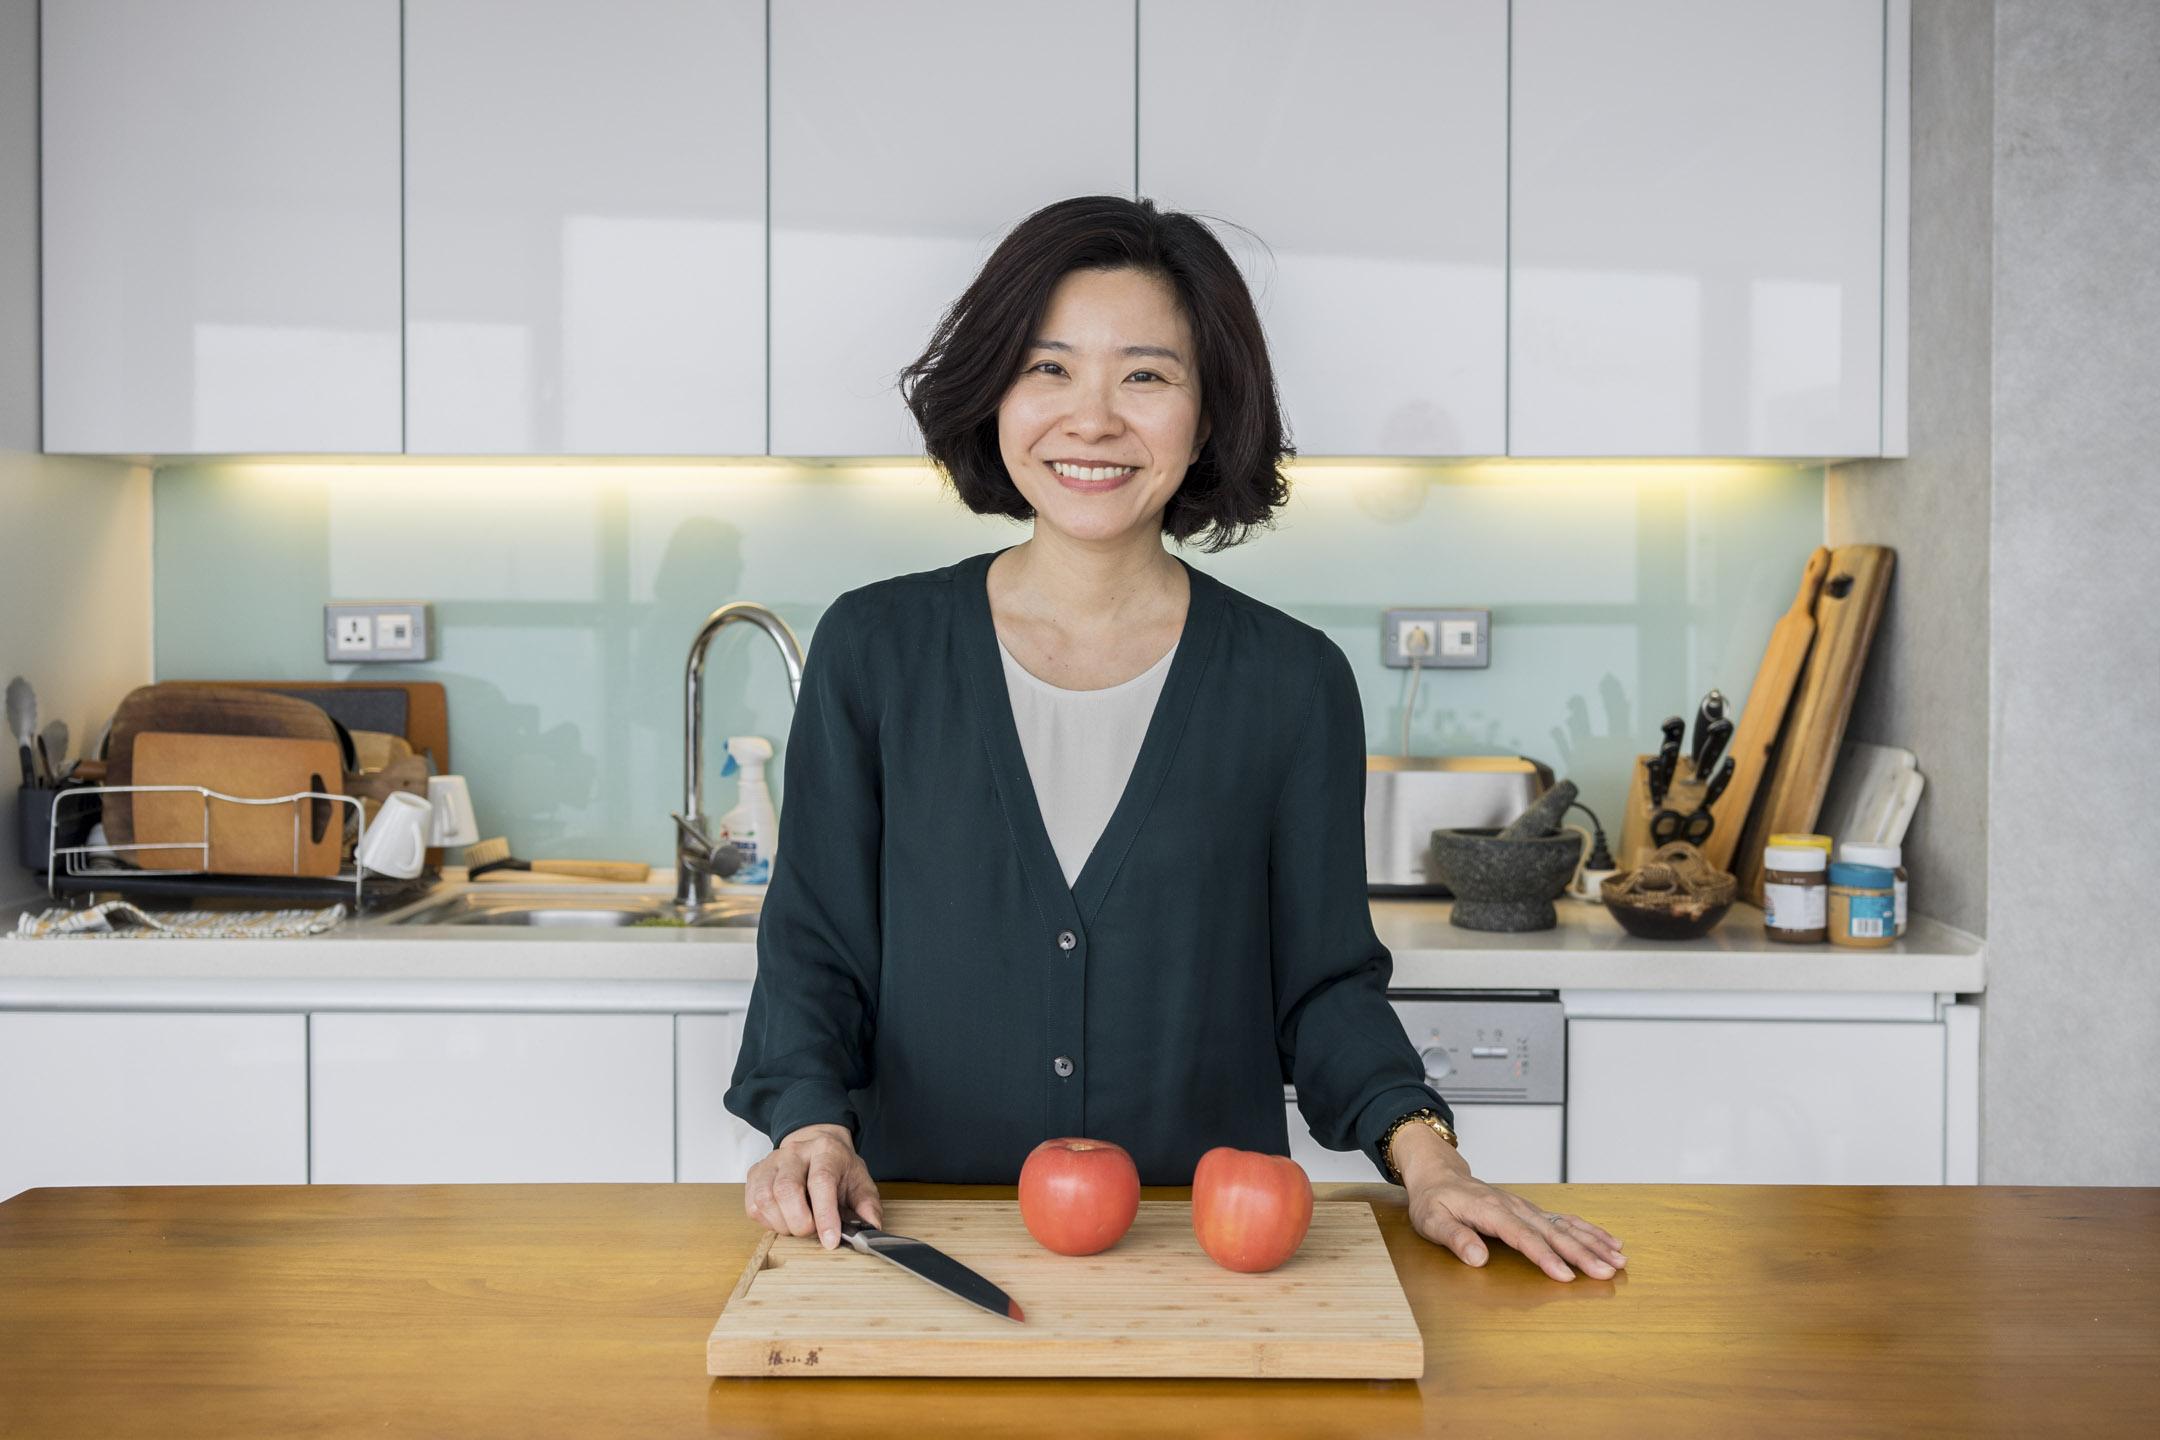 莊祖宜因出版第一本書《廚房裏的人類學家》而成名,這是第一次有人用中文記錄在西方廚藝專業學校進修的故事,加上經歷及社交媒體上的耕耘,多年來收穫了不少粉絲。  攝:鄒璧宇/端傳媒